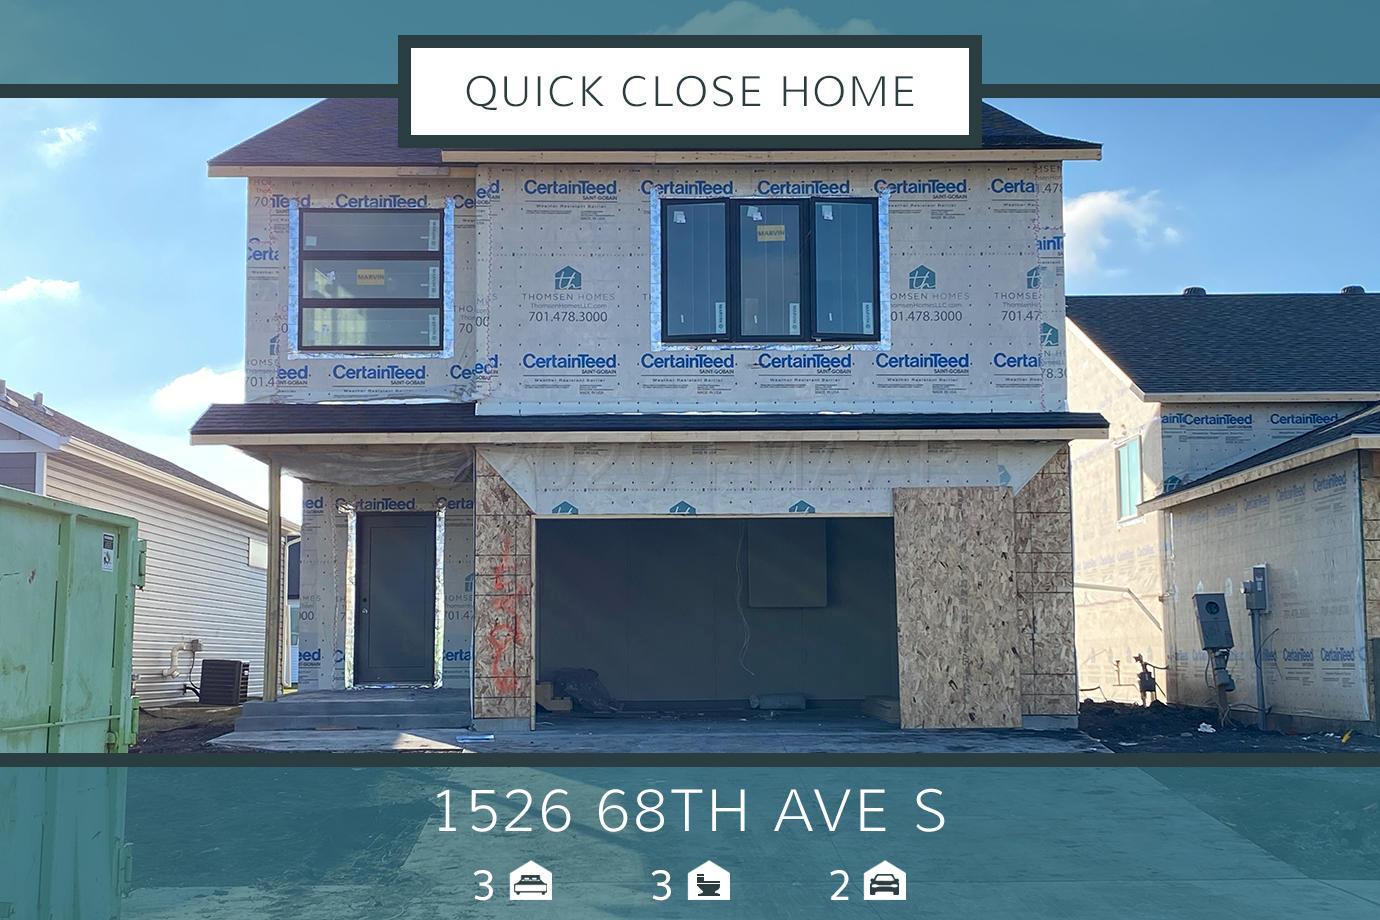 1526 68 Avenue S, Fargo, ND 58104